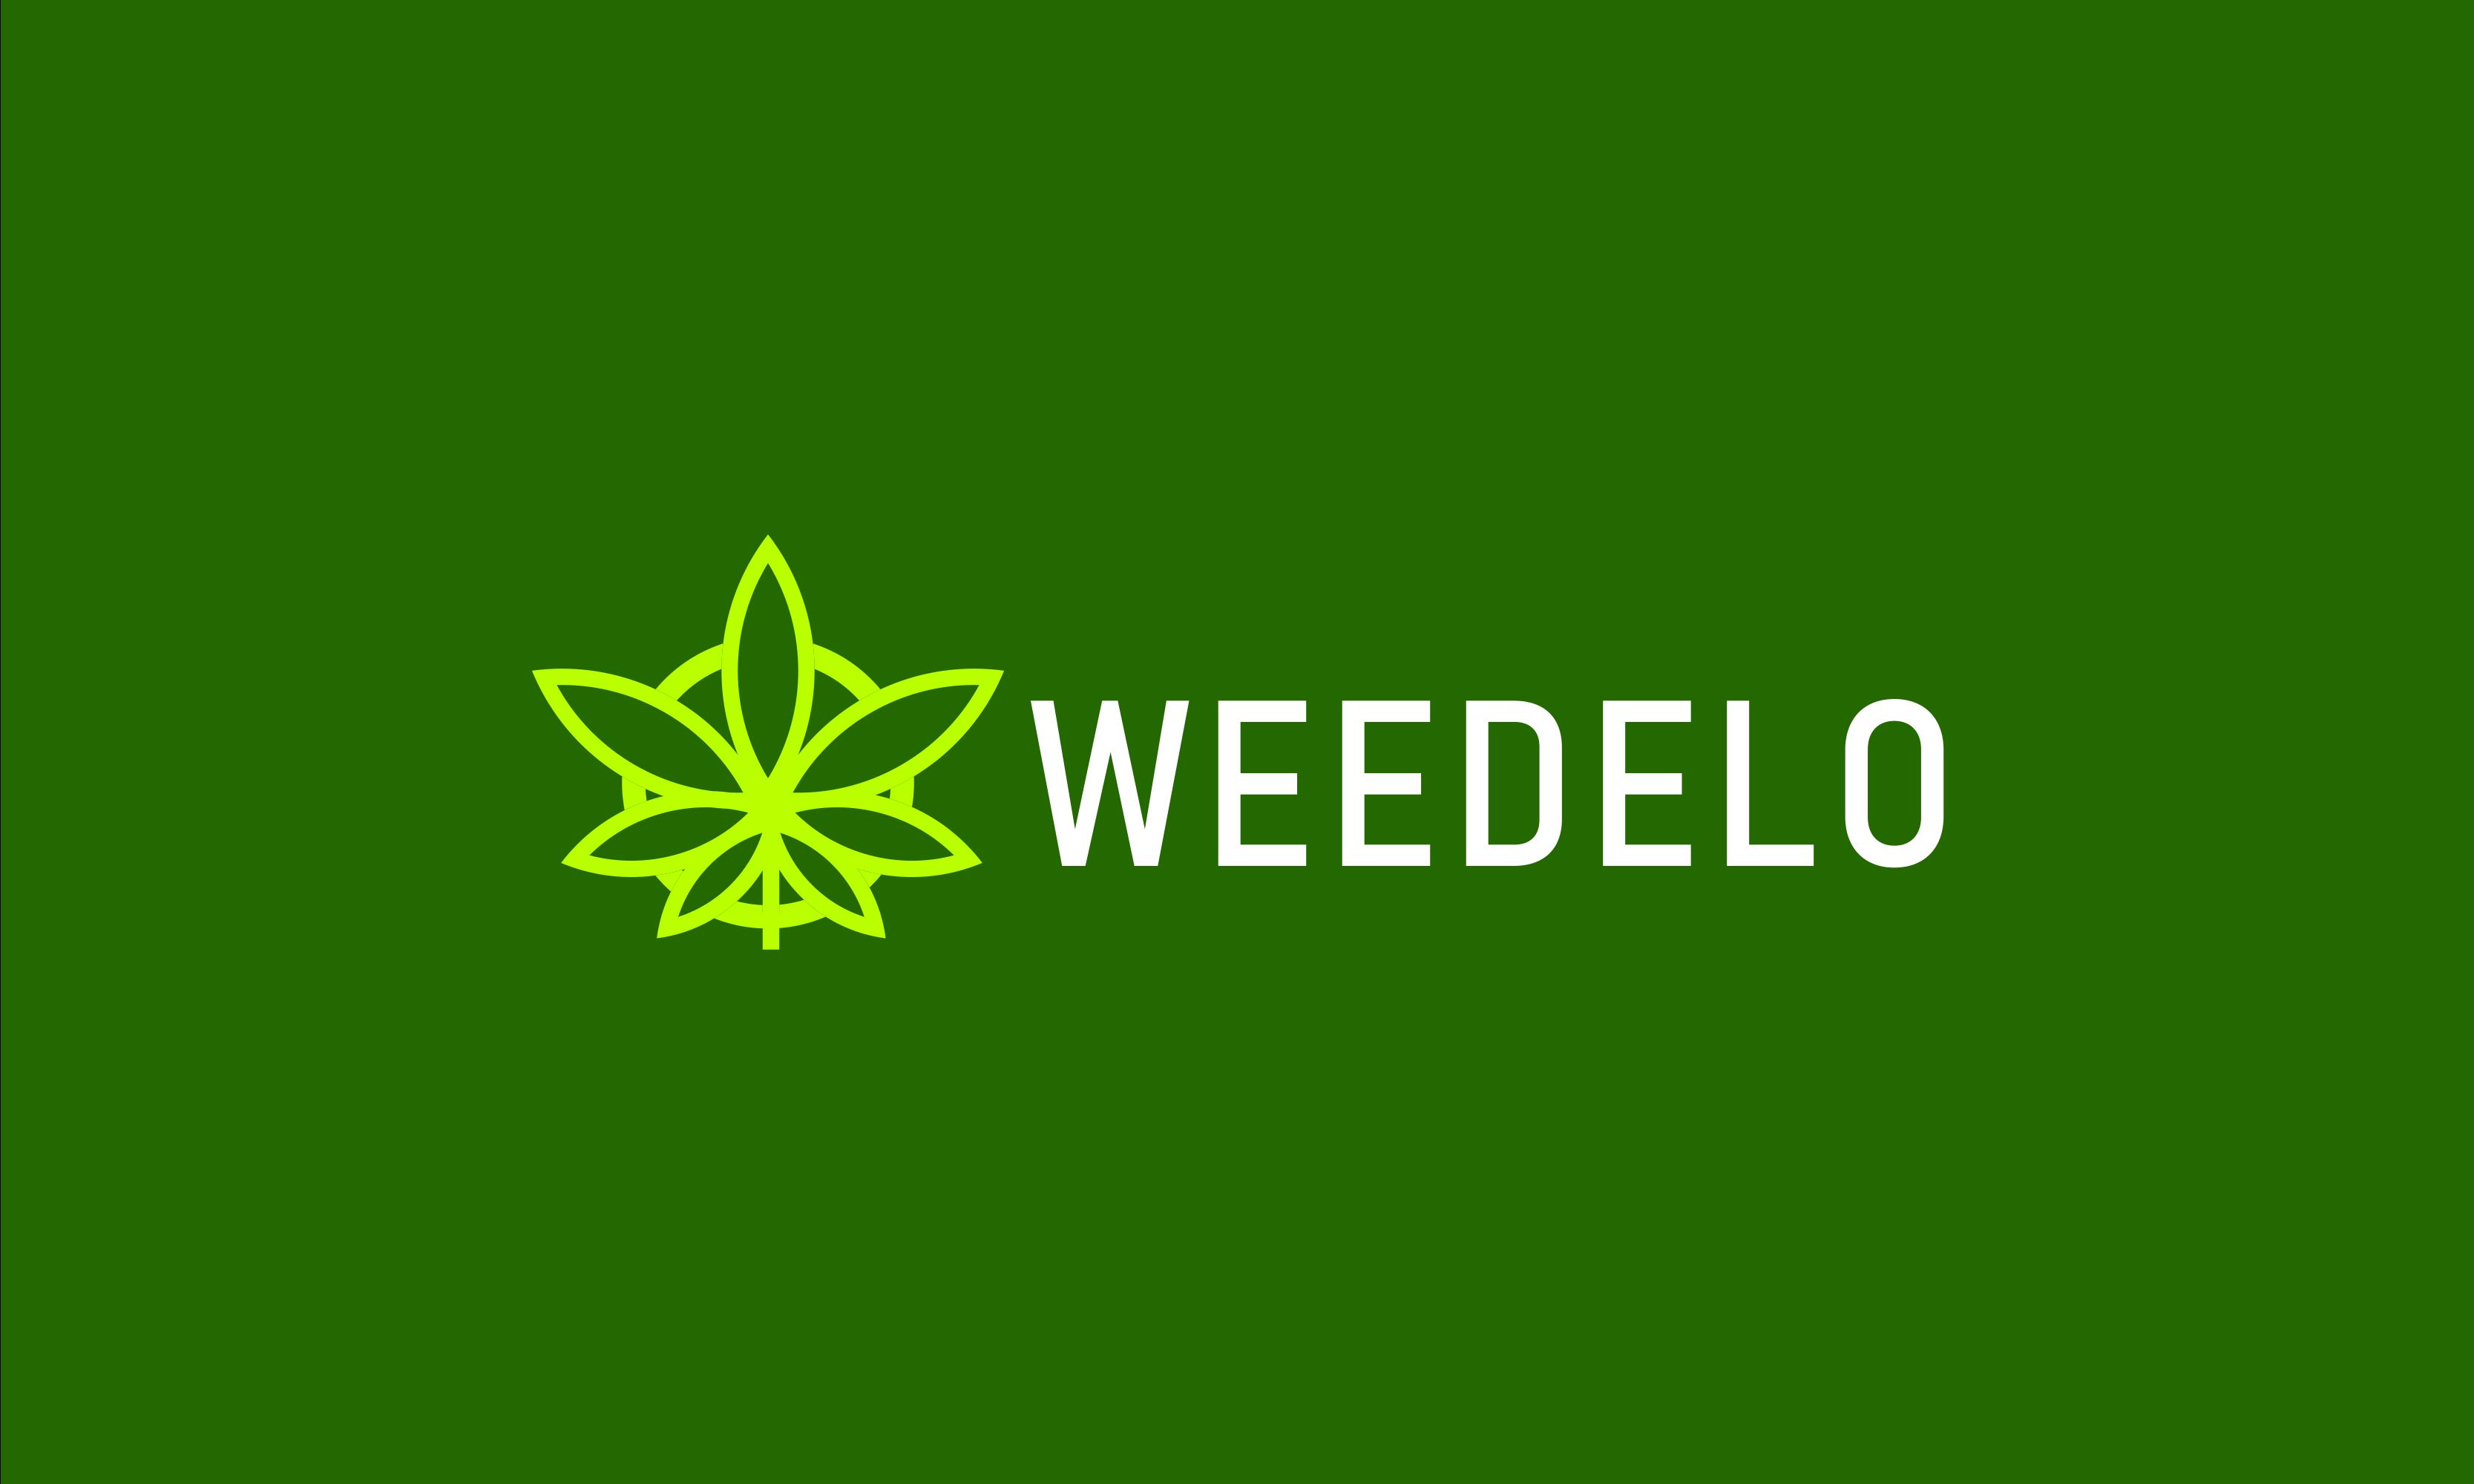 Weedelo